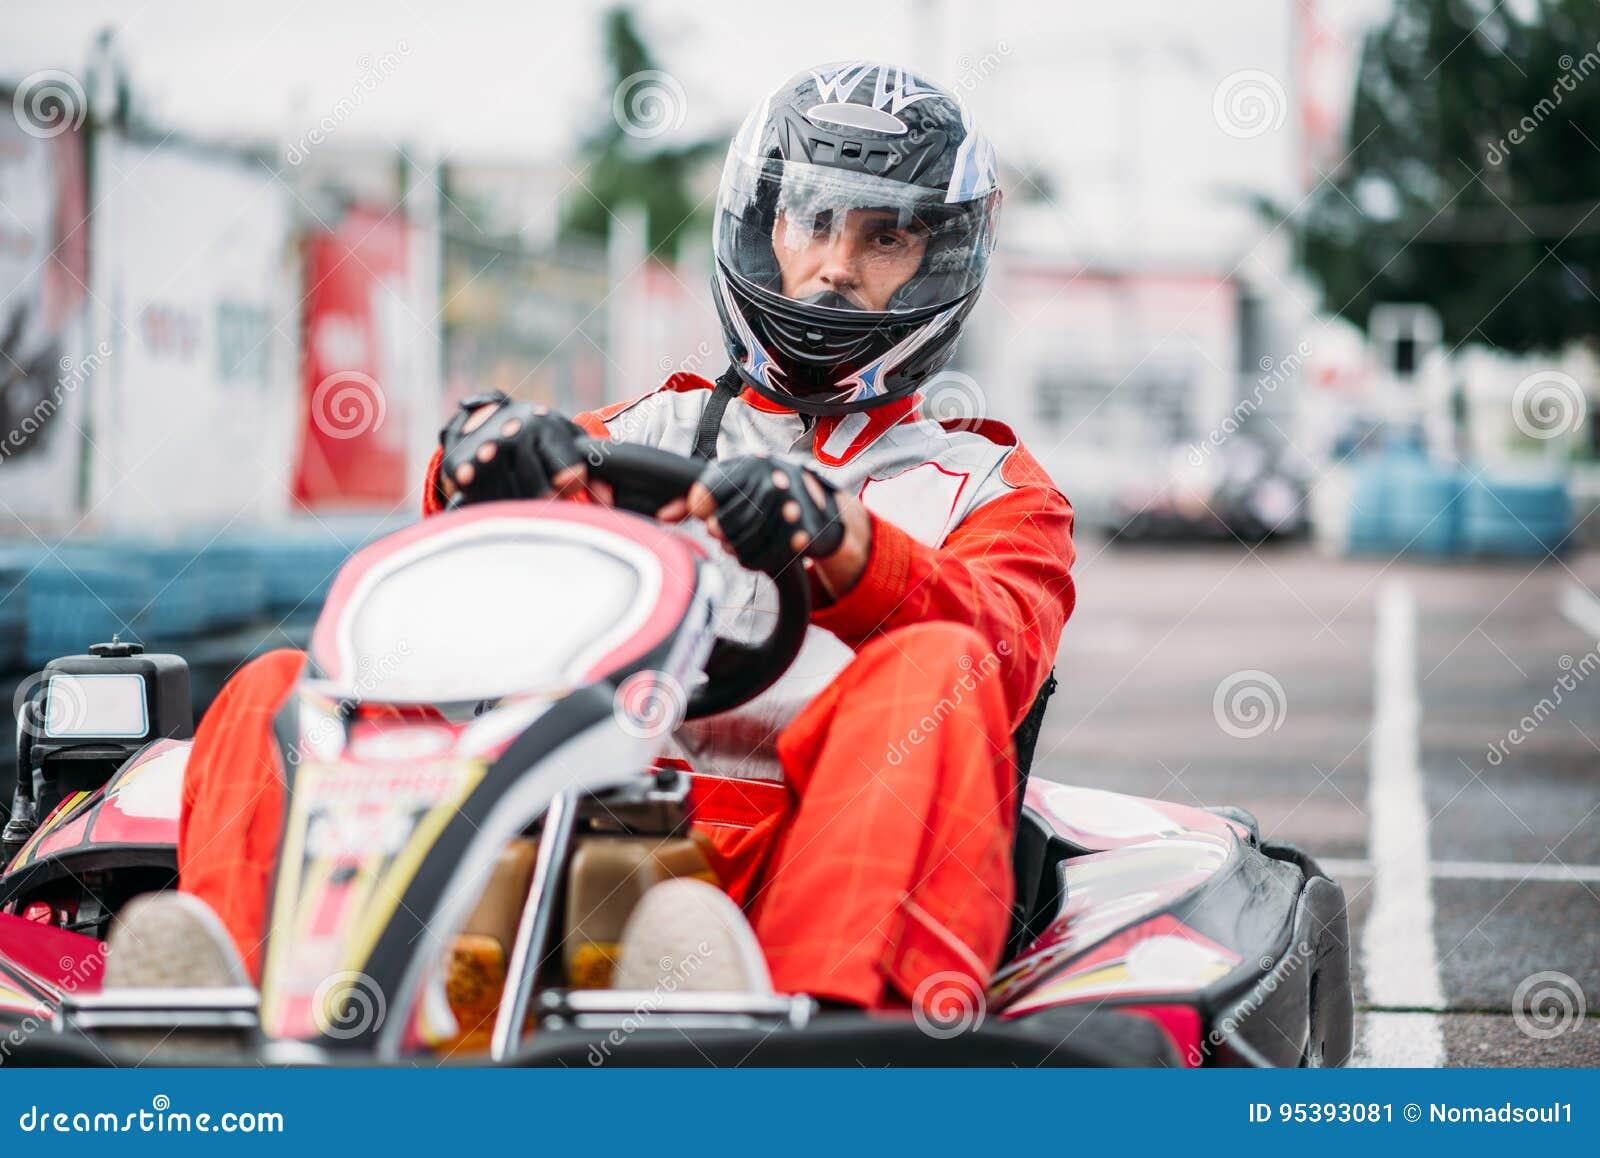 Le coureur de Karting dans l action, vont concurrence de kart